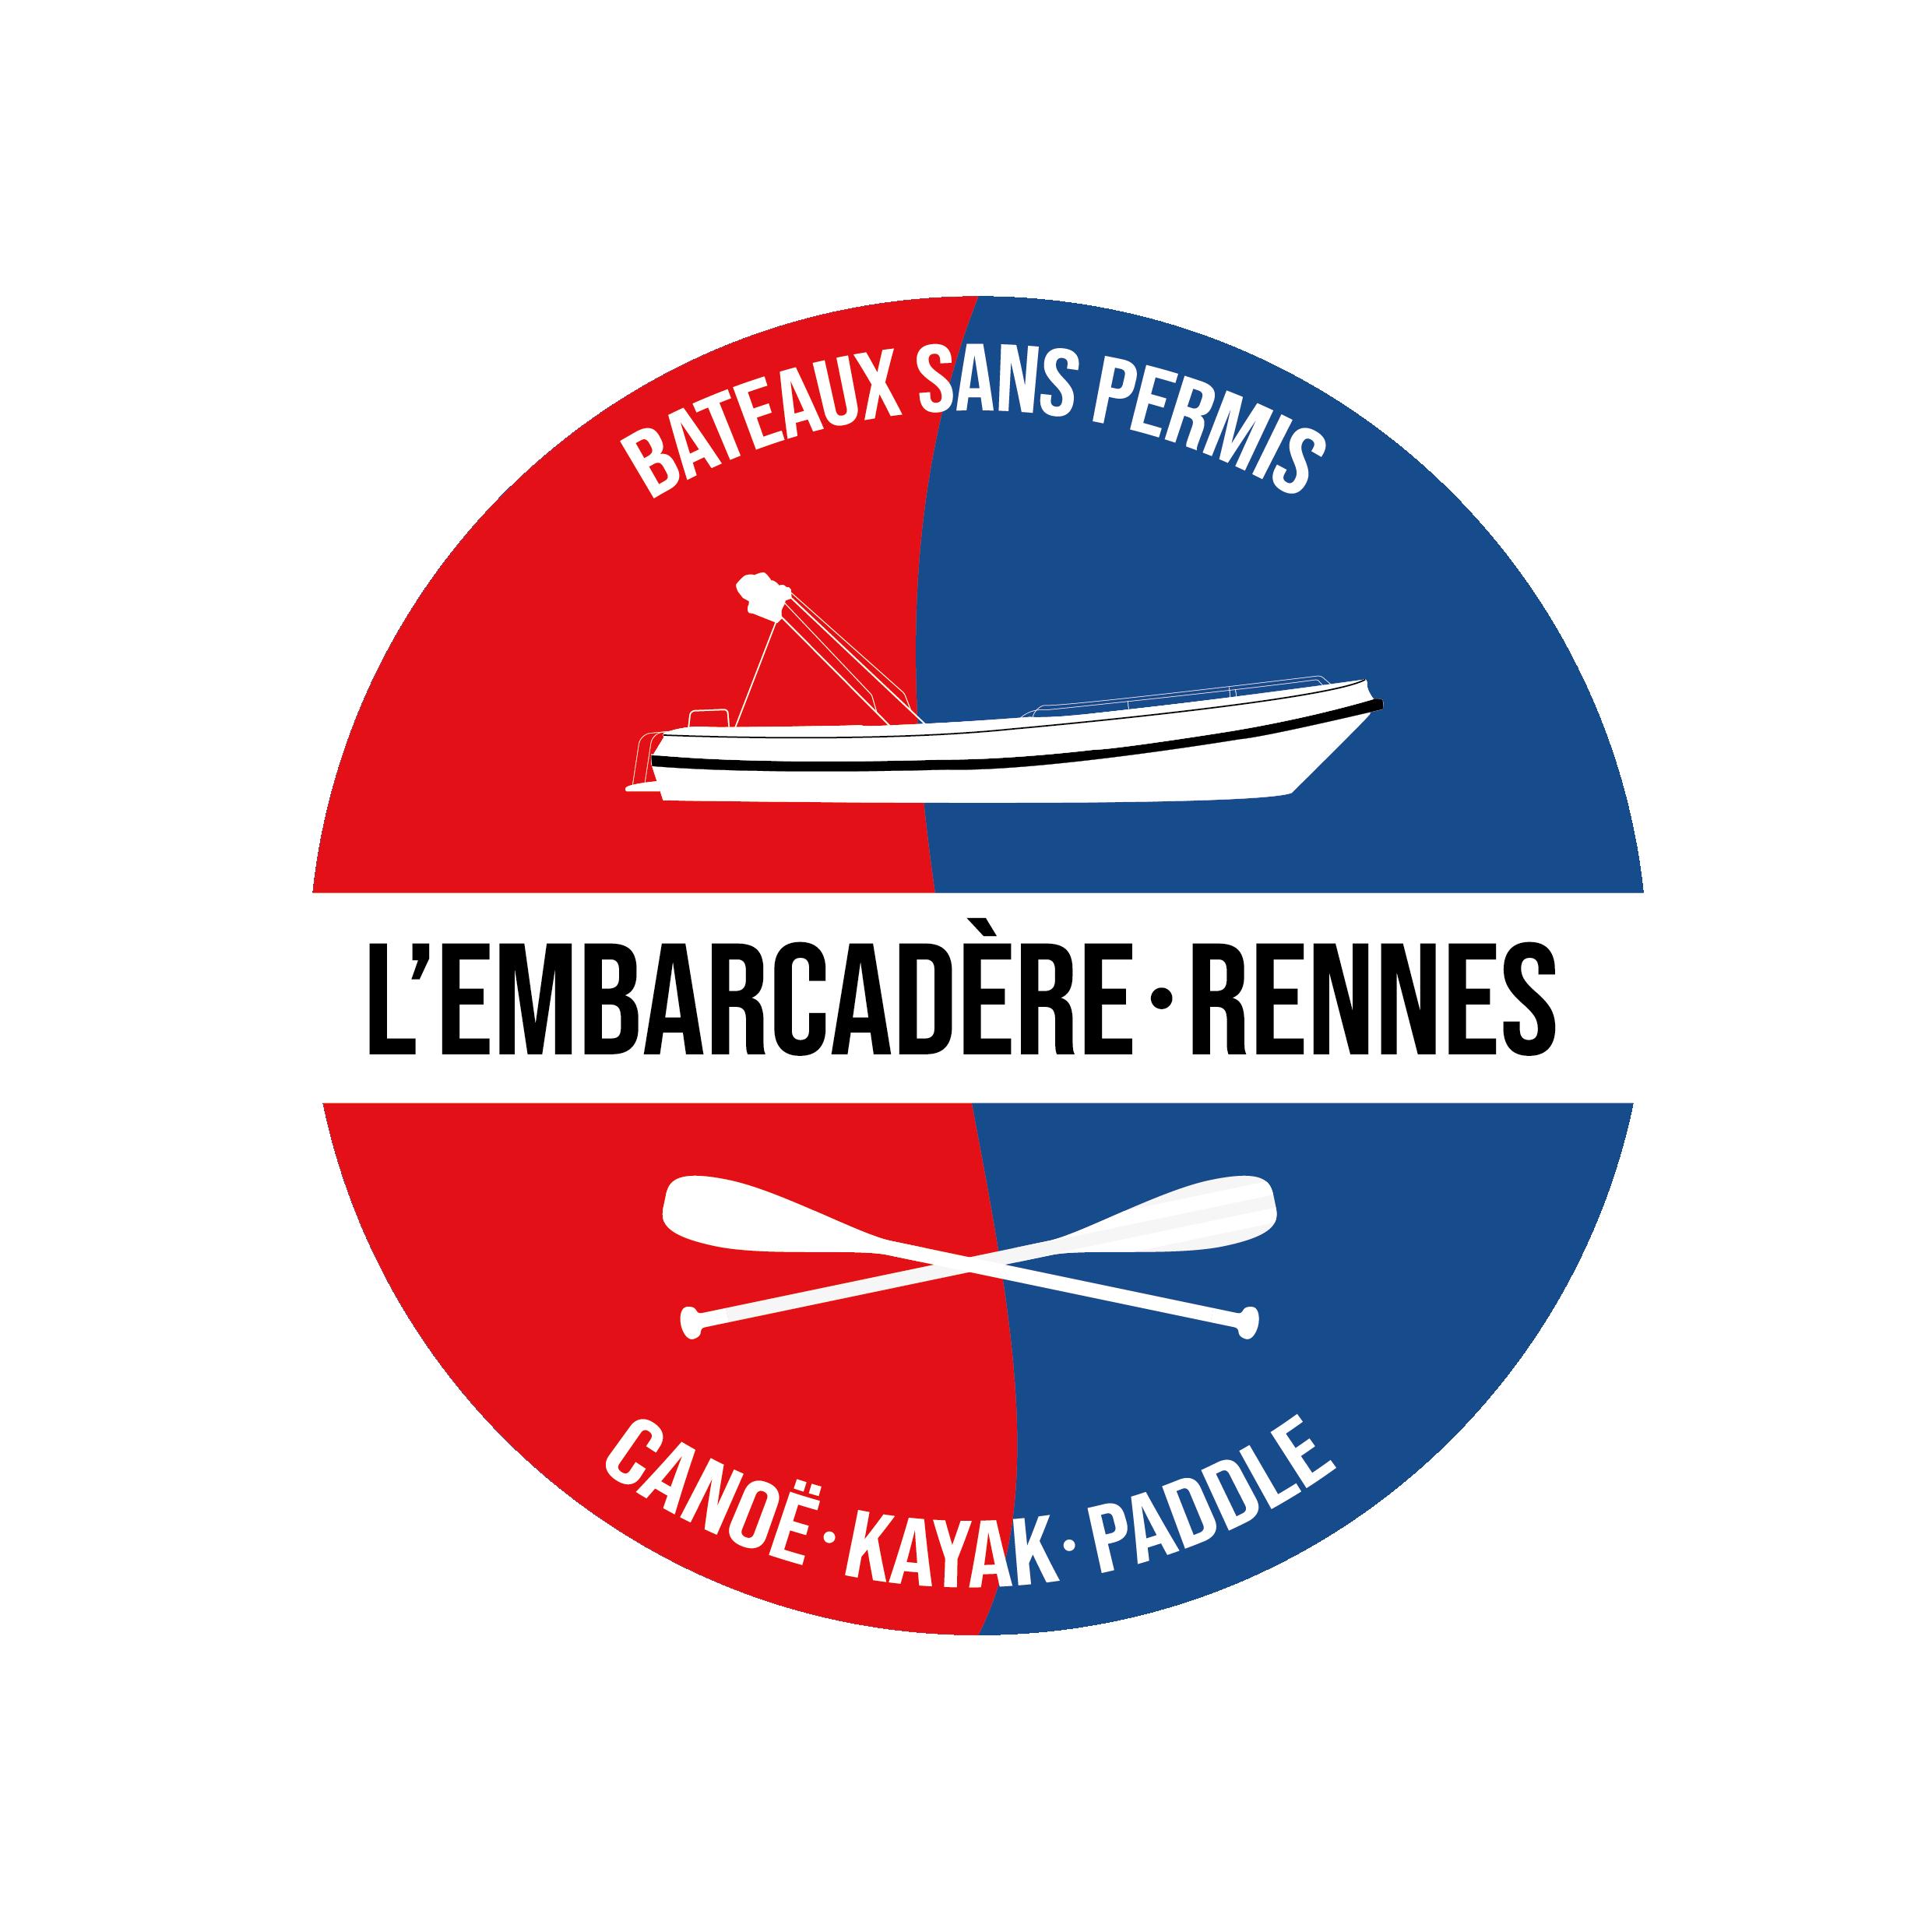 L'embarcadere - Rennes